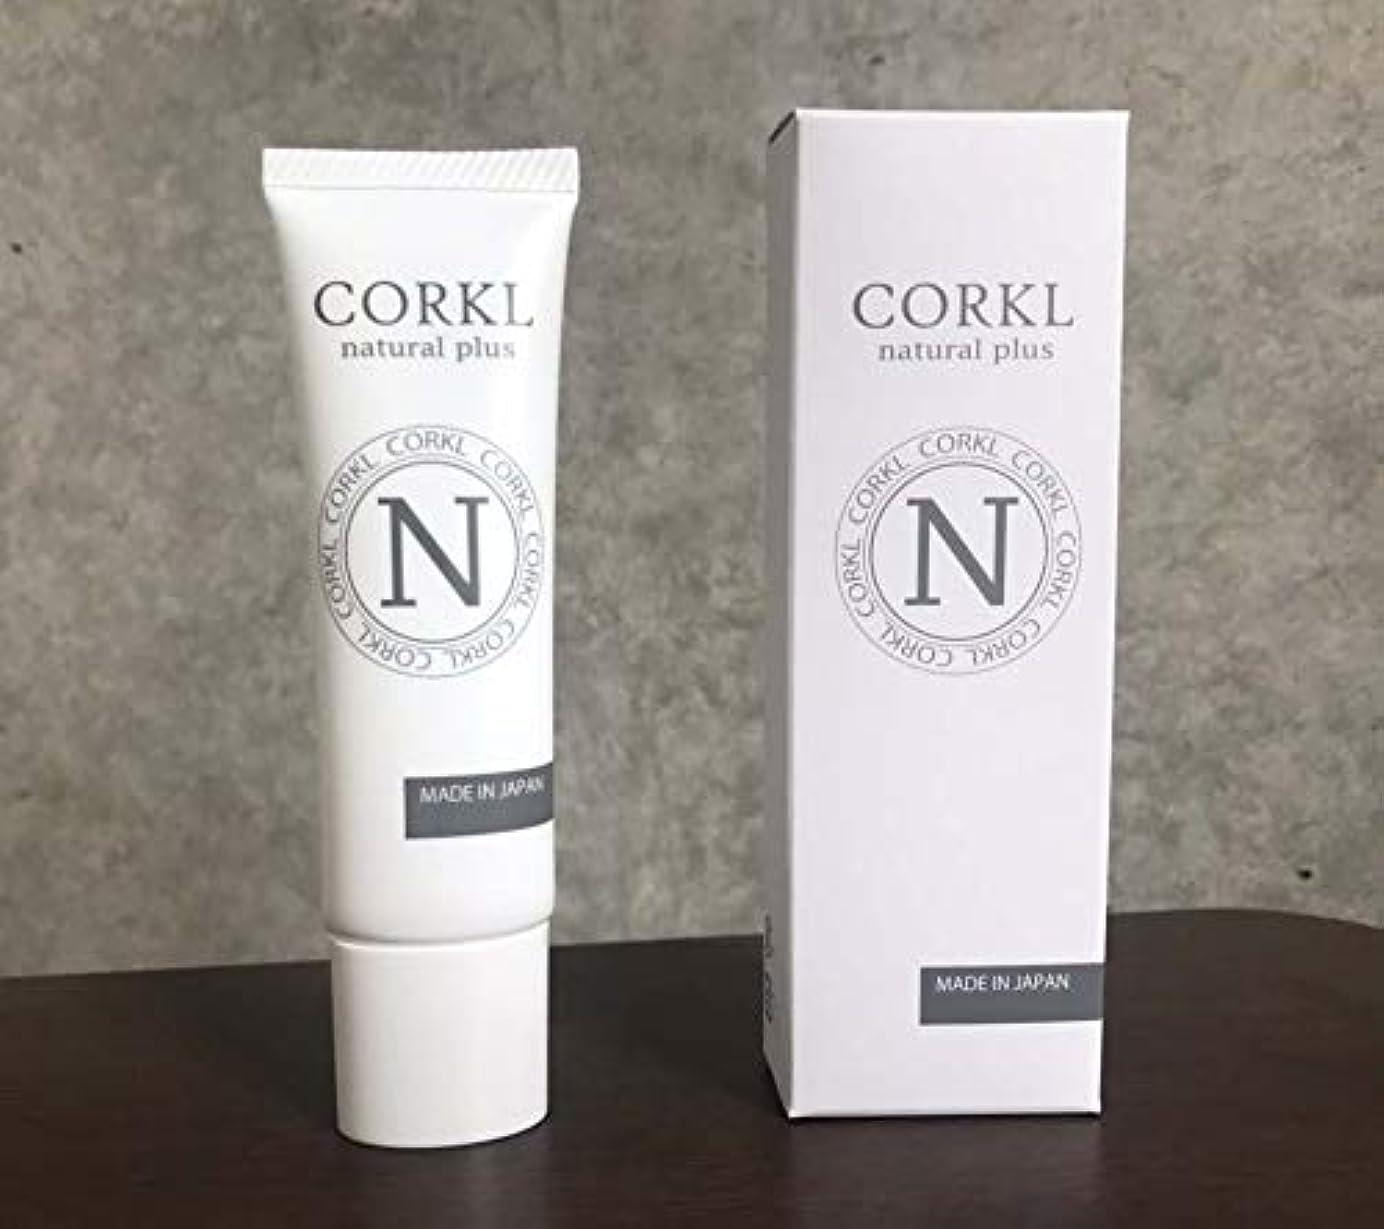 物足りない頭痛収まるコルクルナチュルクリーム(CORKL)手汗?顔汗に悩む方向けに開発された国産化粧品